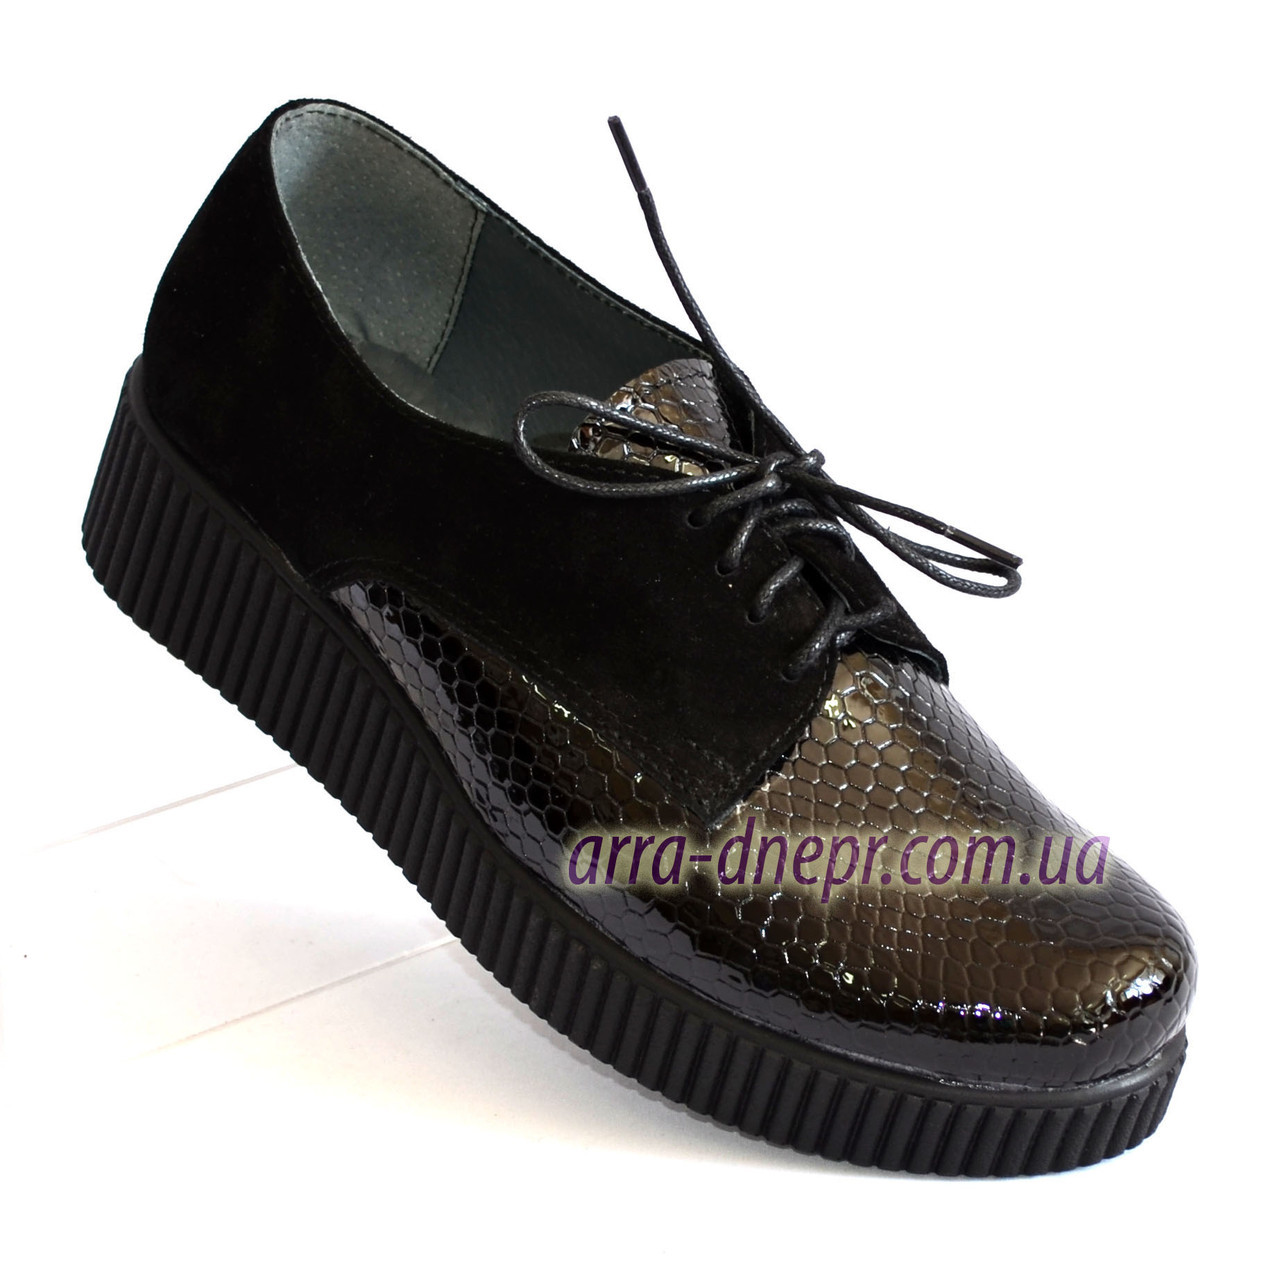 Женские туфли на утолщенной подошве, на шнуровке, натуральная замша и лак питон.